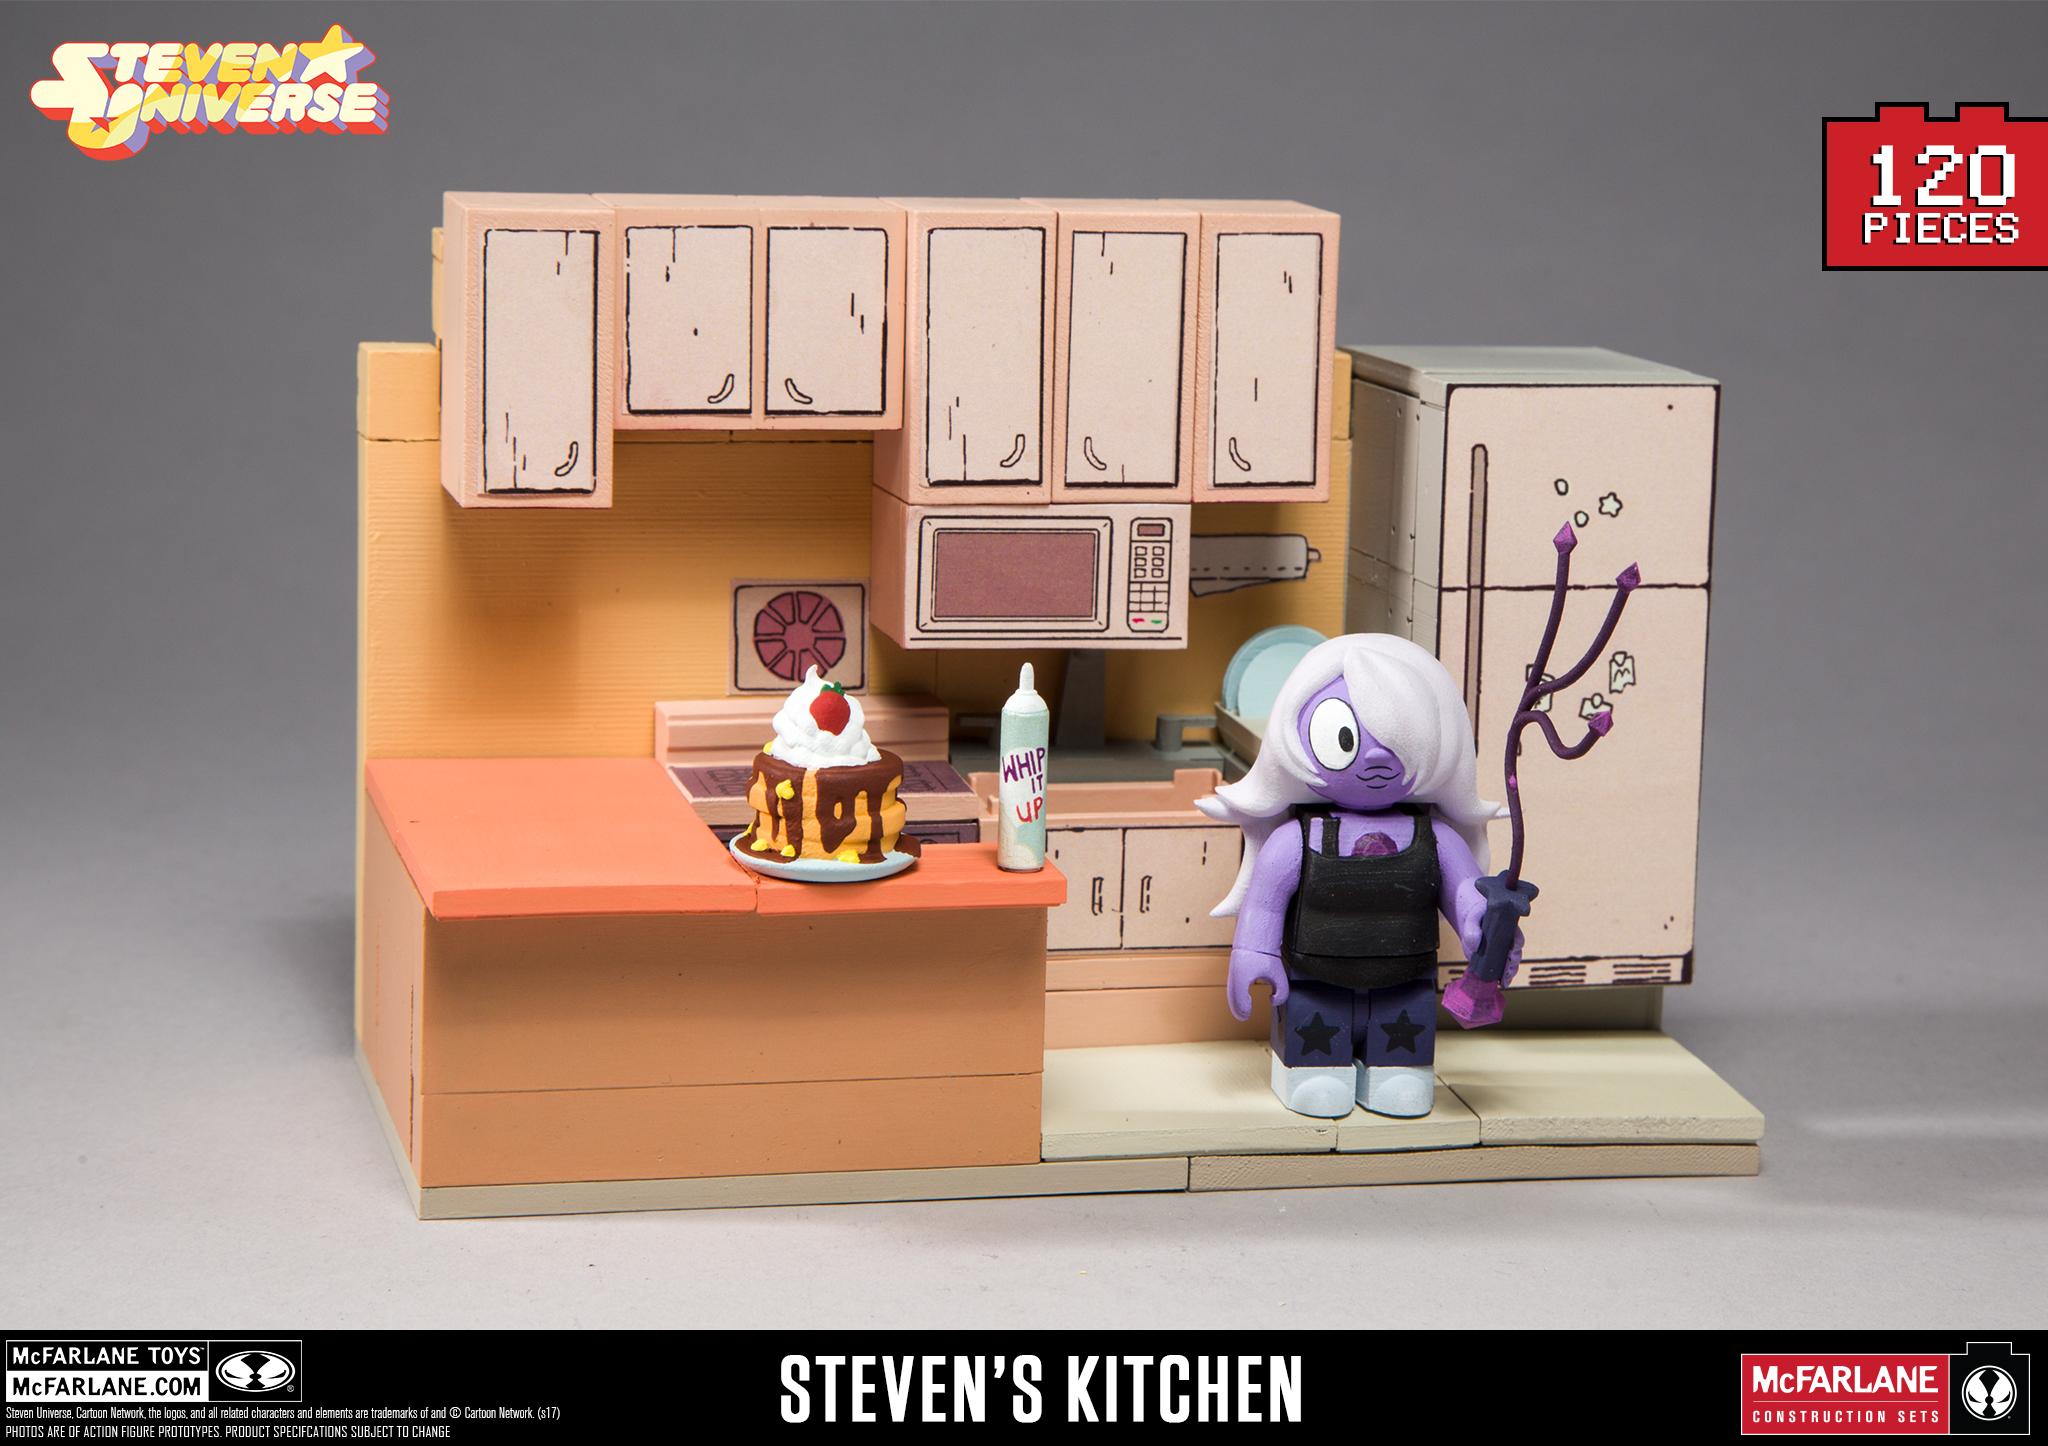 Stevens kitchen